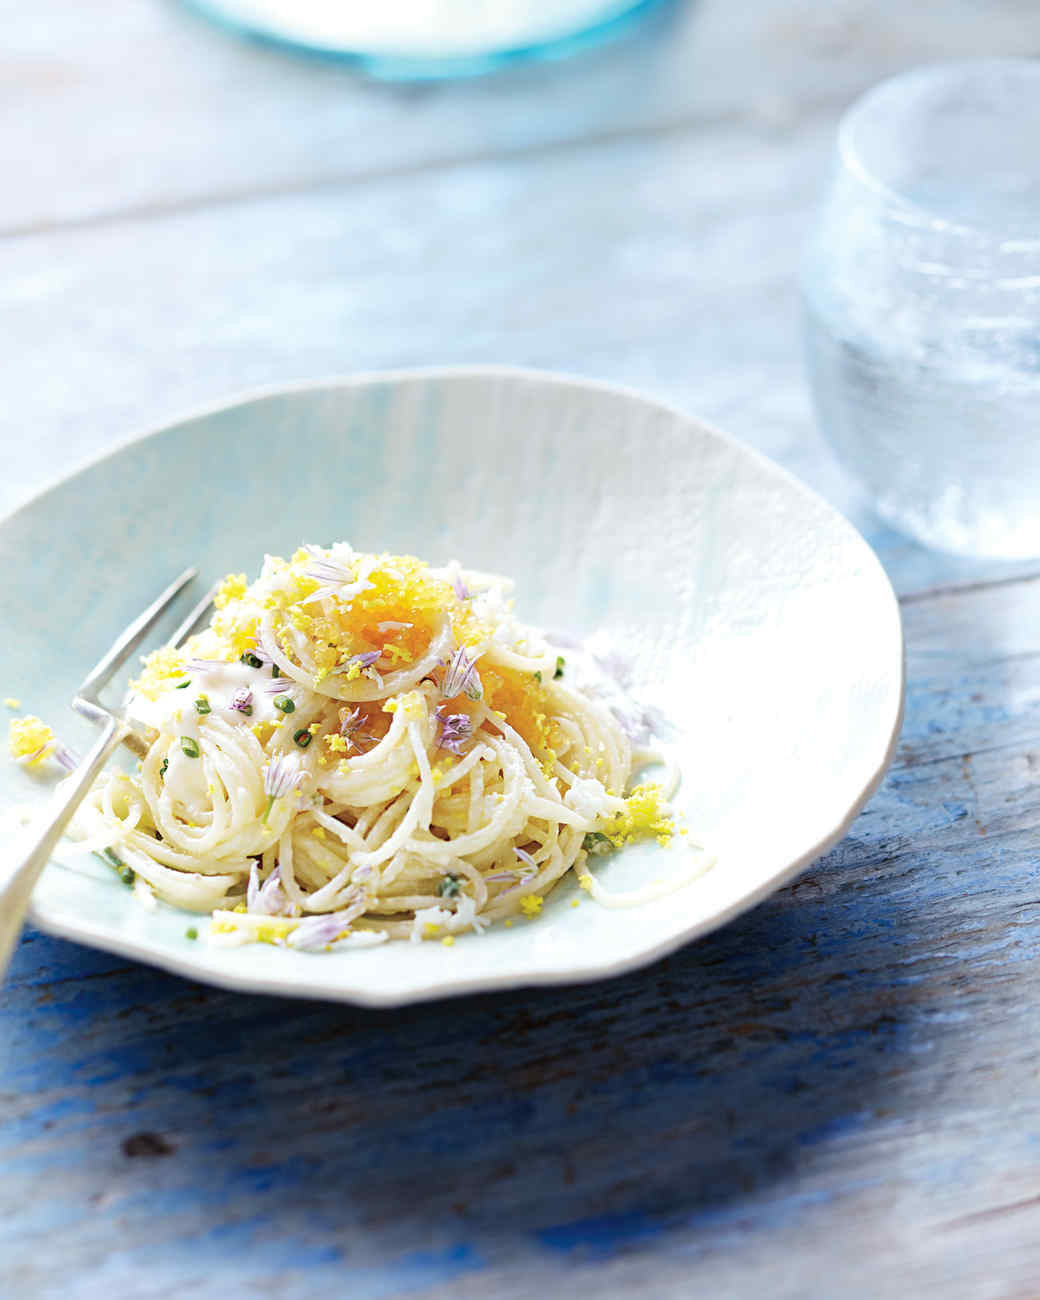 pasta-capellini-chive-blossoms-2-mld107621.jpg